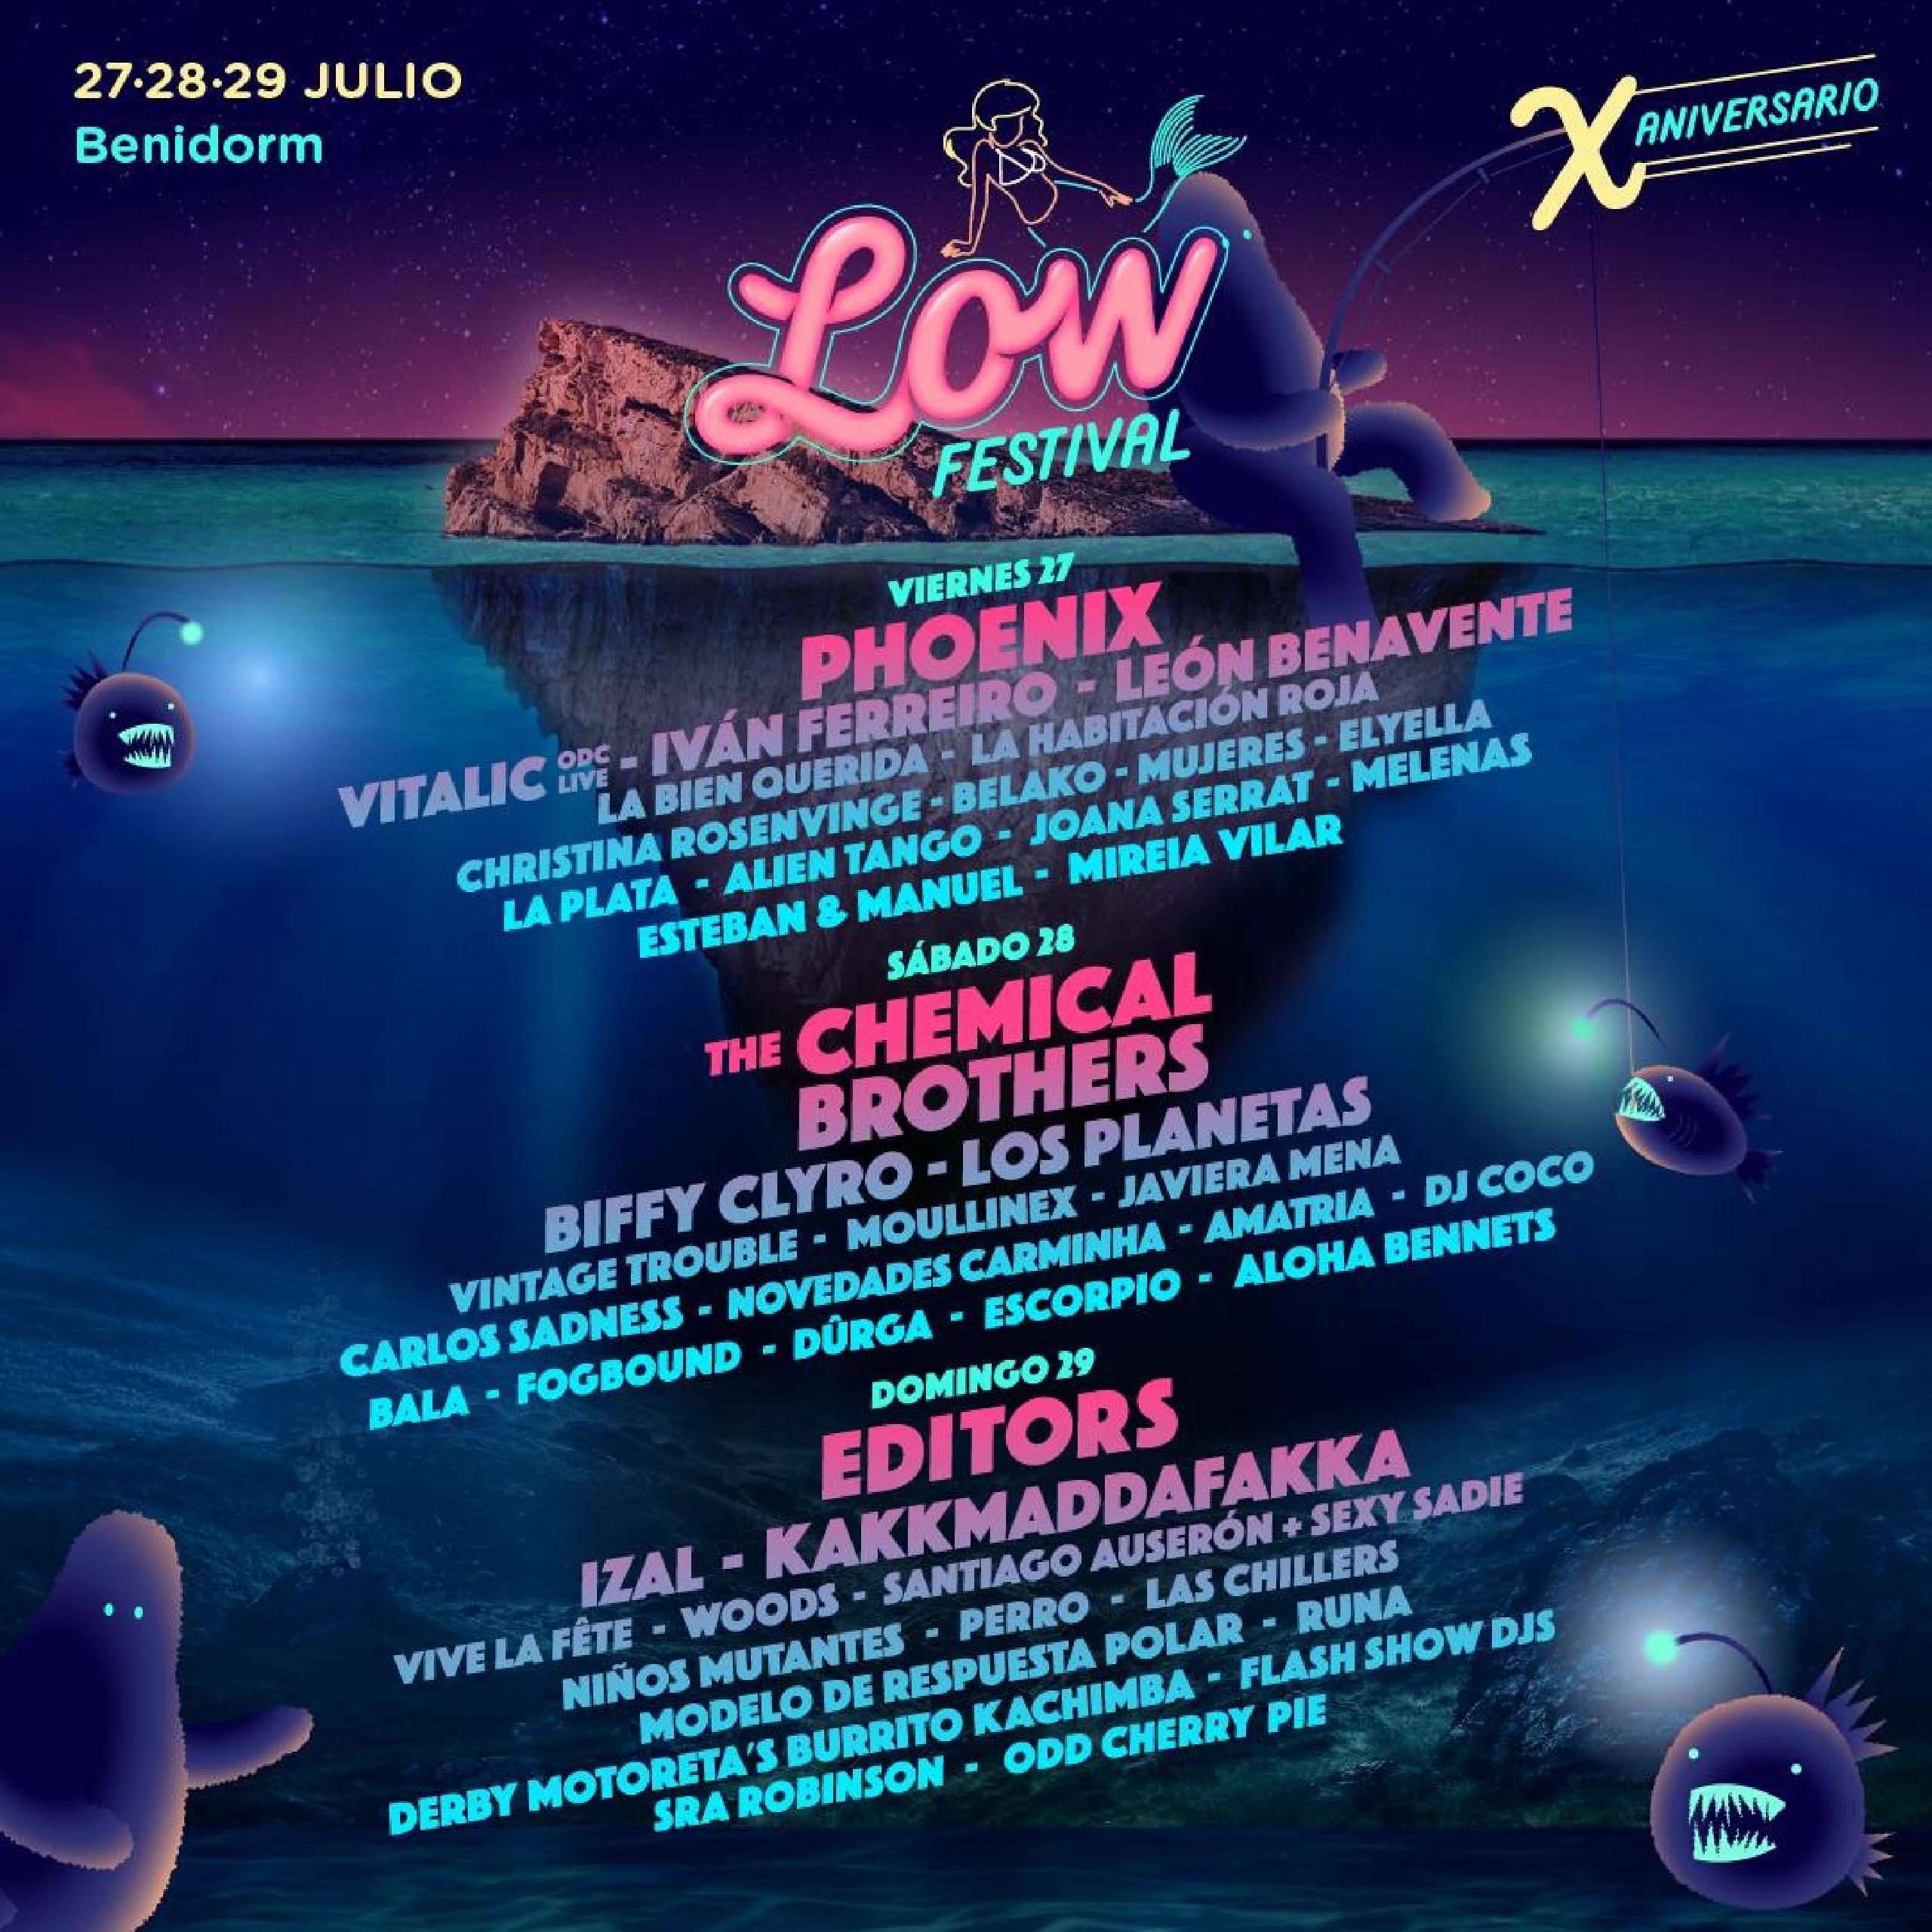 Cartel por días Low Festival 2018